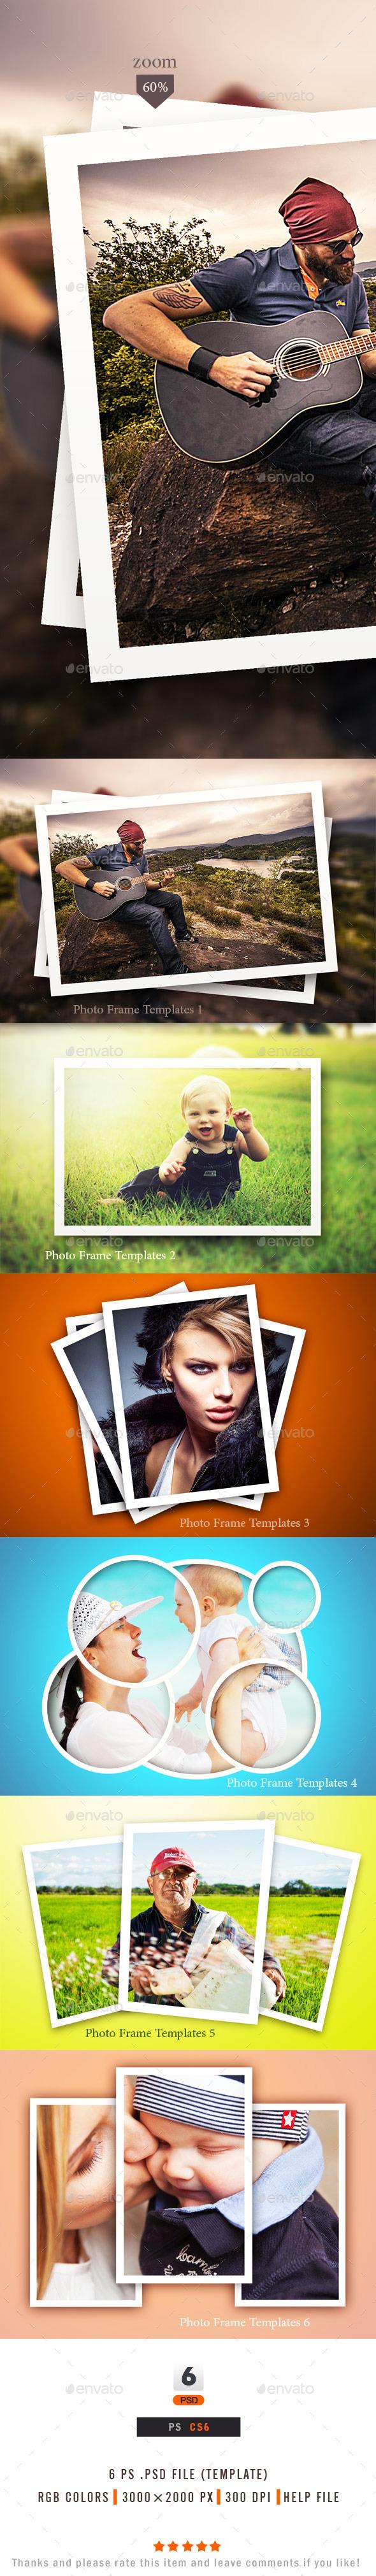 GraphicRiver Photo Frame Templates 10367986